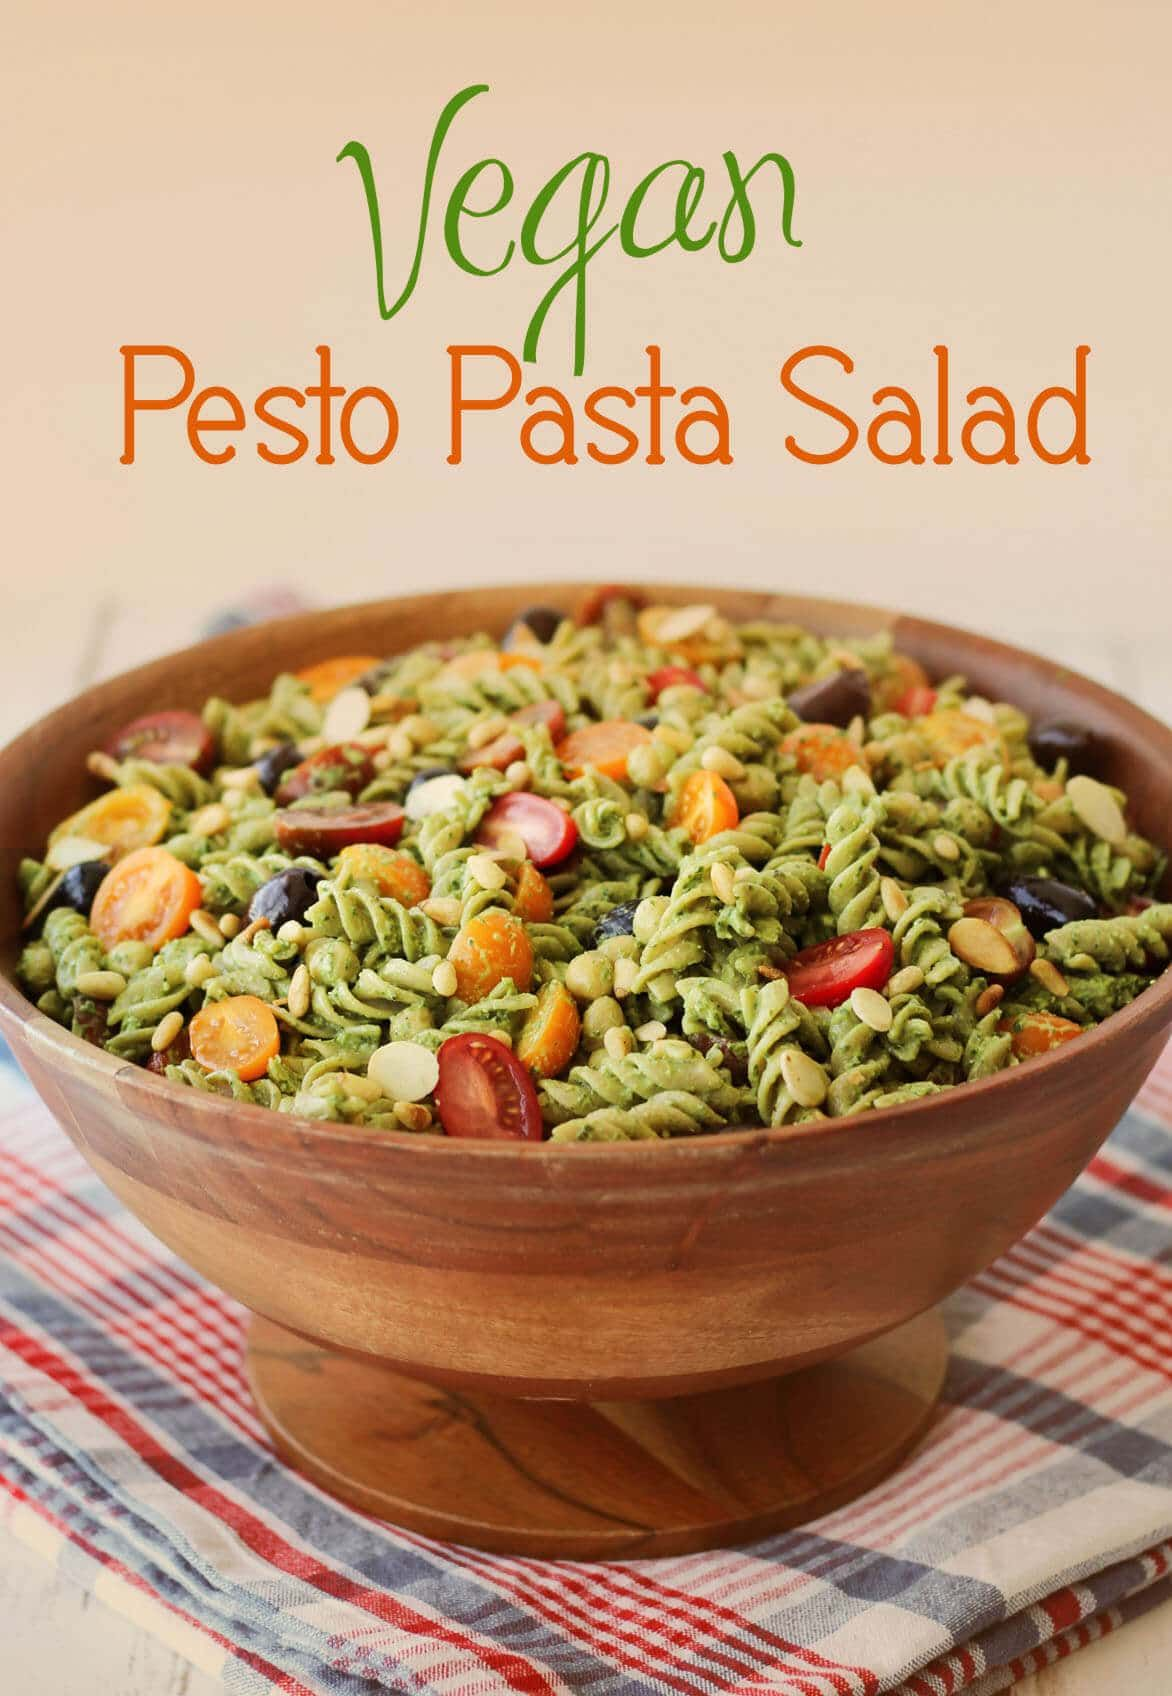 This vegan pesto gluten free pasta salad recipe was